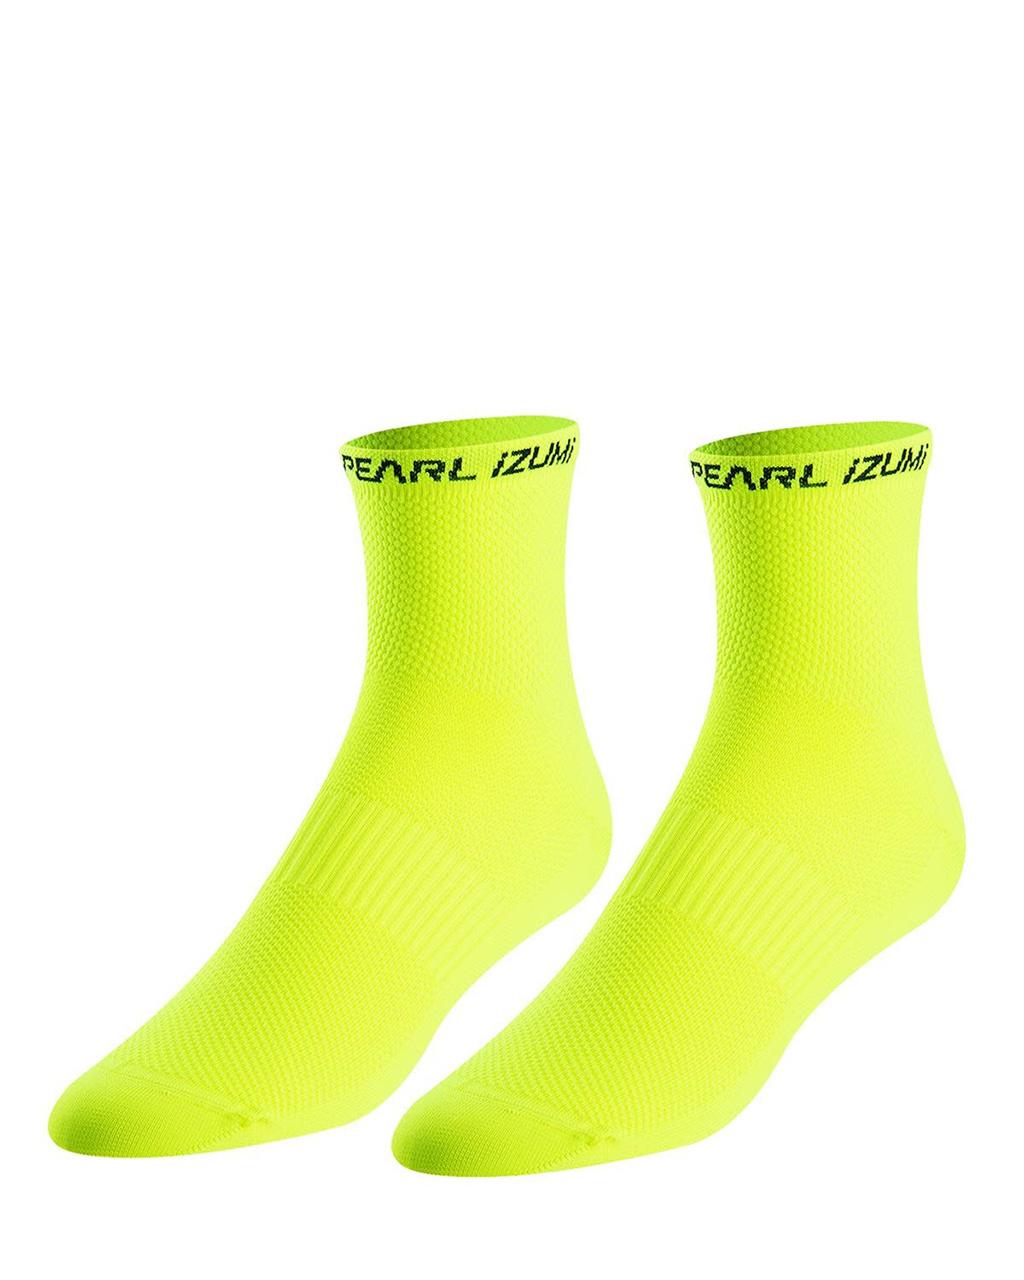 Pearl Izumi Pearl Izumi Elite Tall Socks